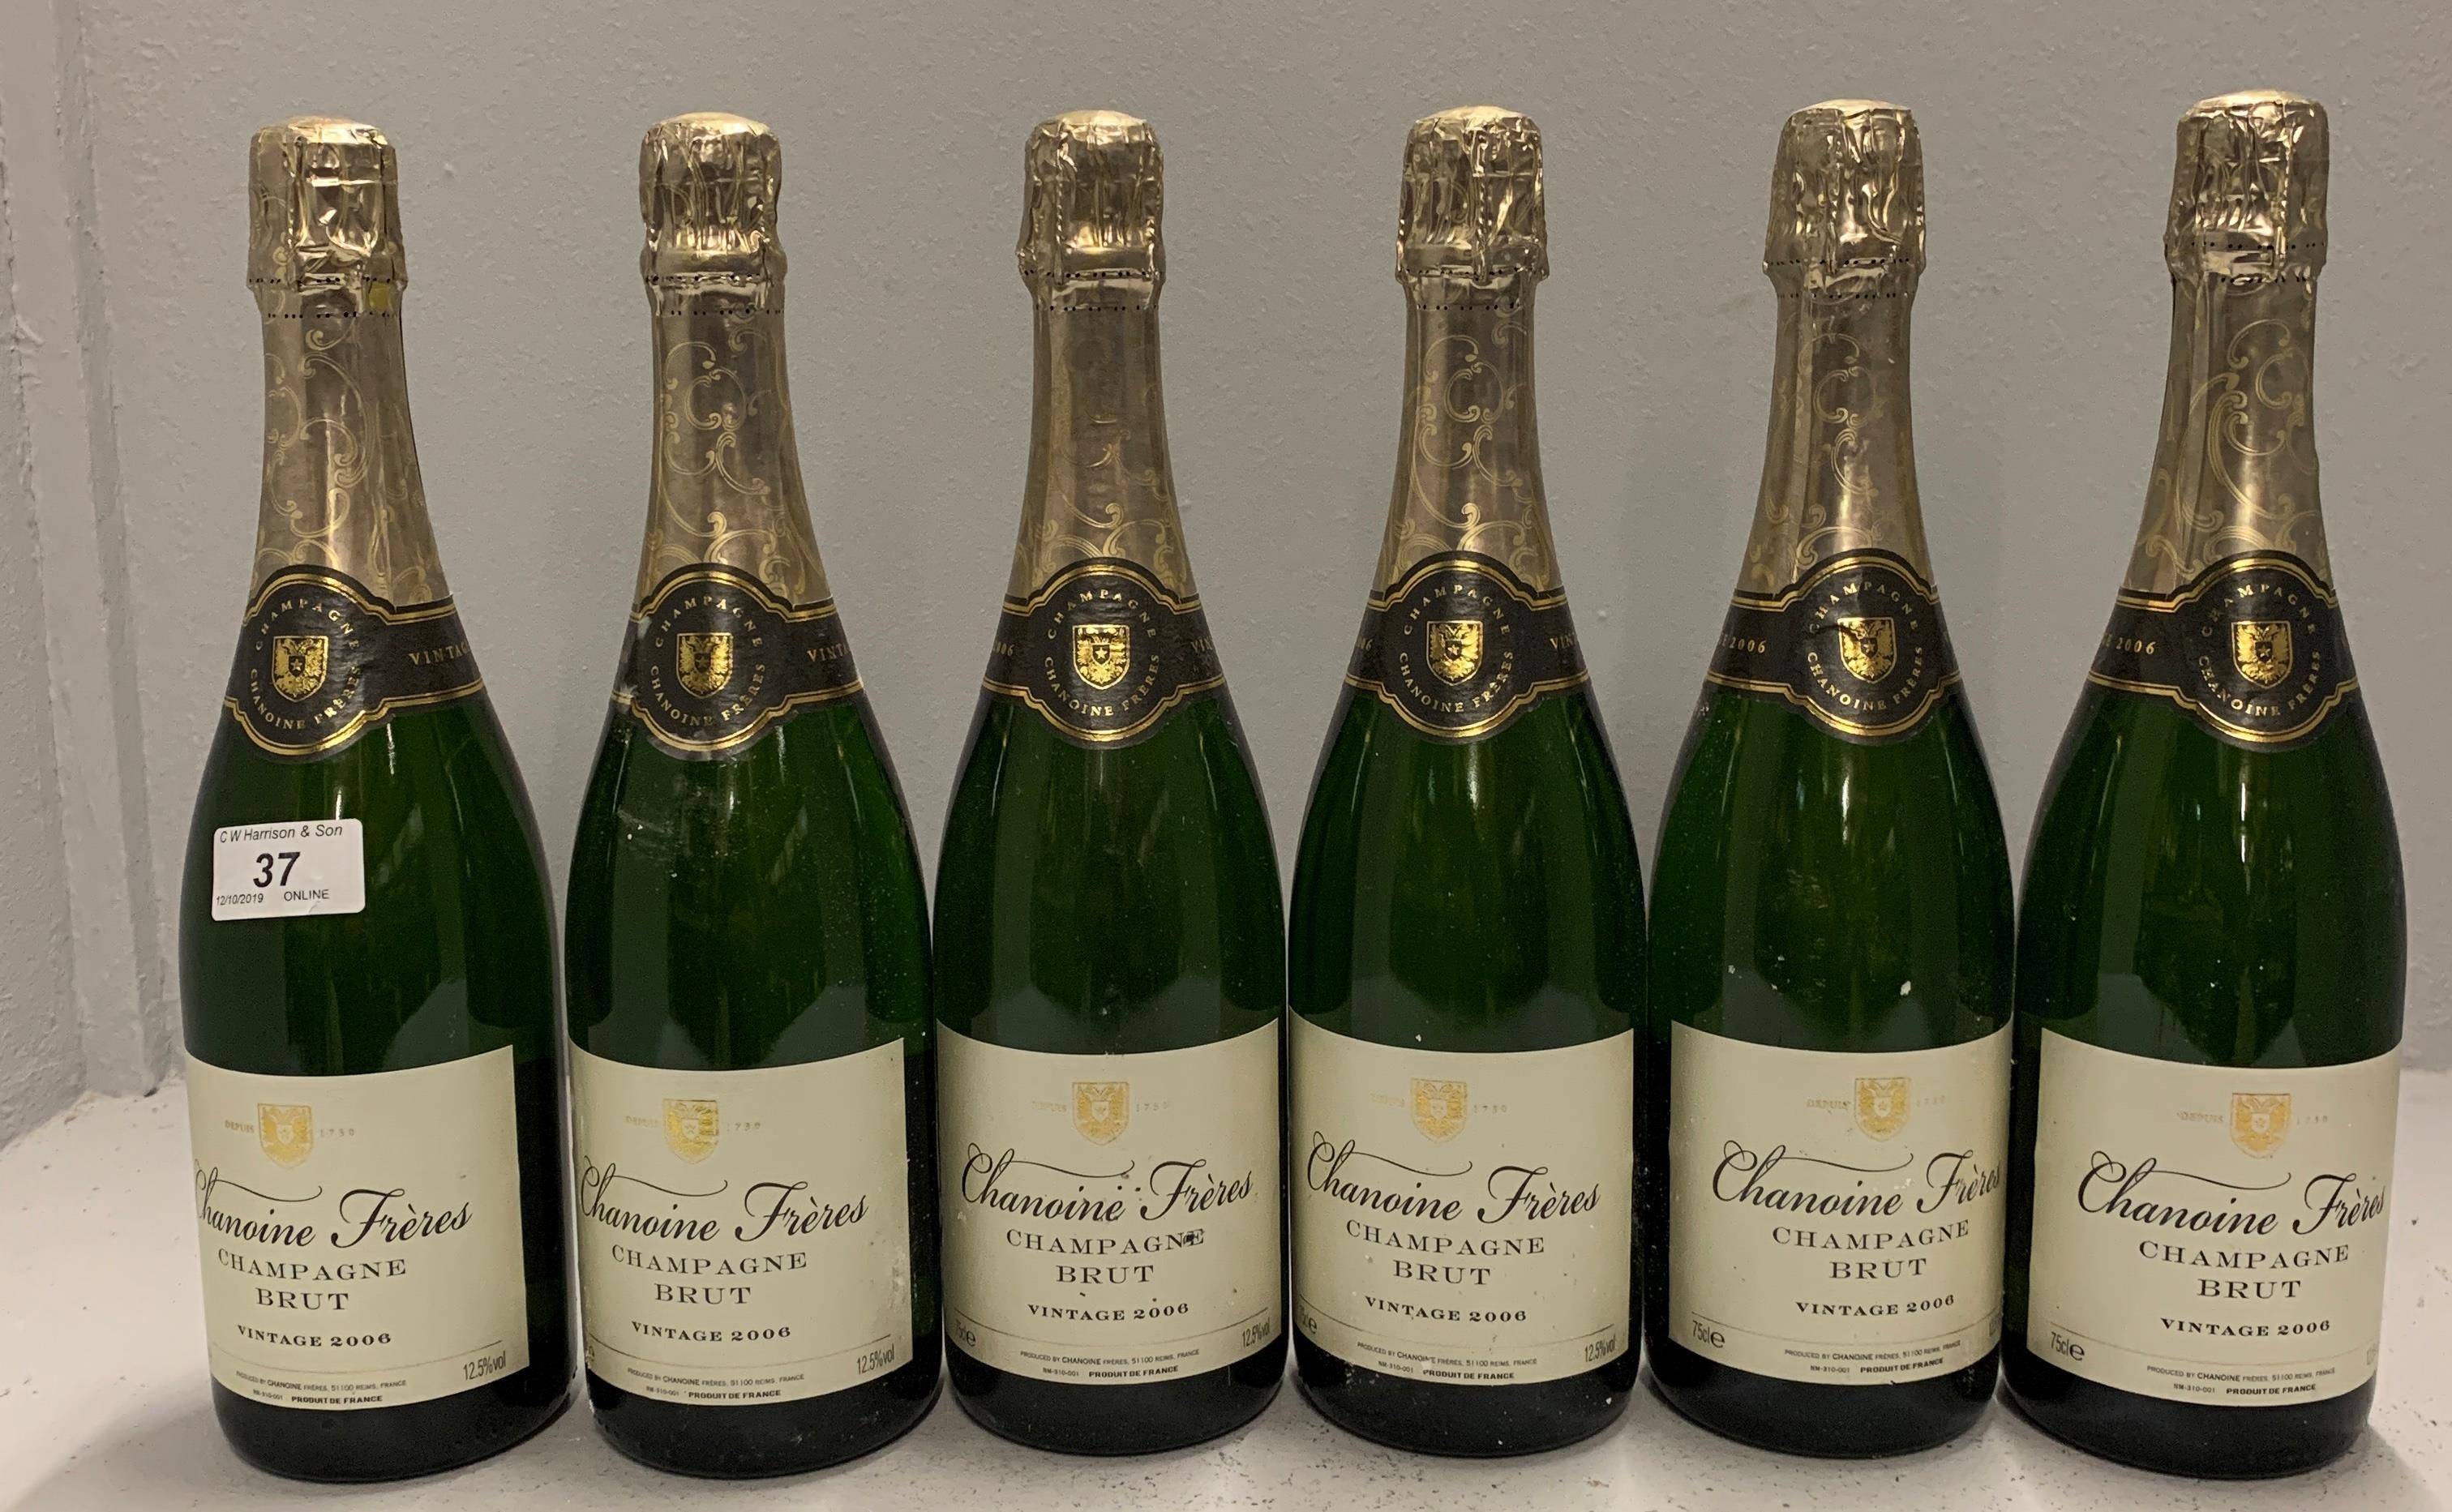 Lot 37 - 6 x 75cl bottles Chanoine Freres Champga